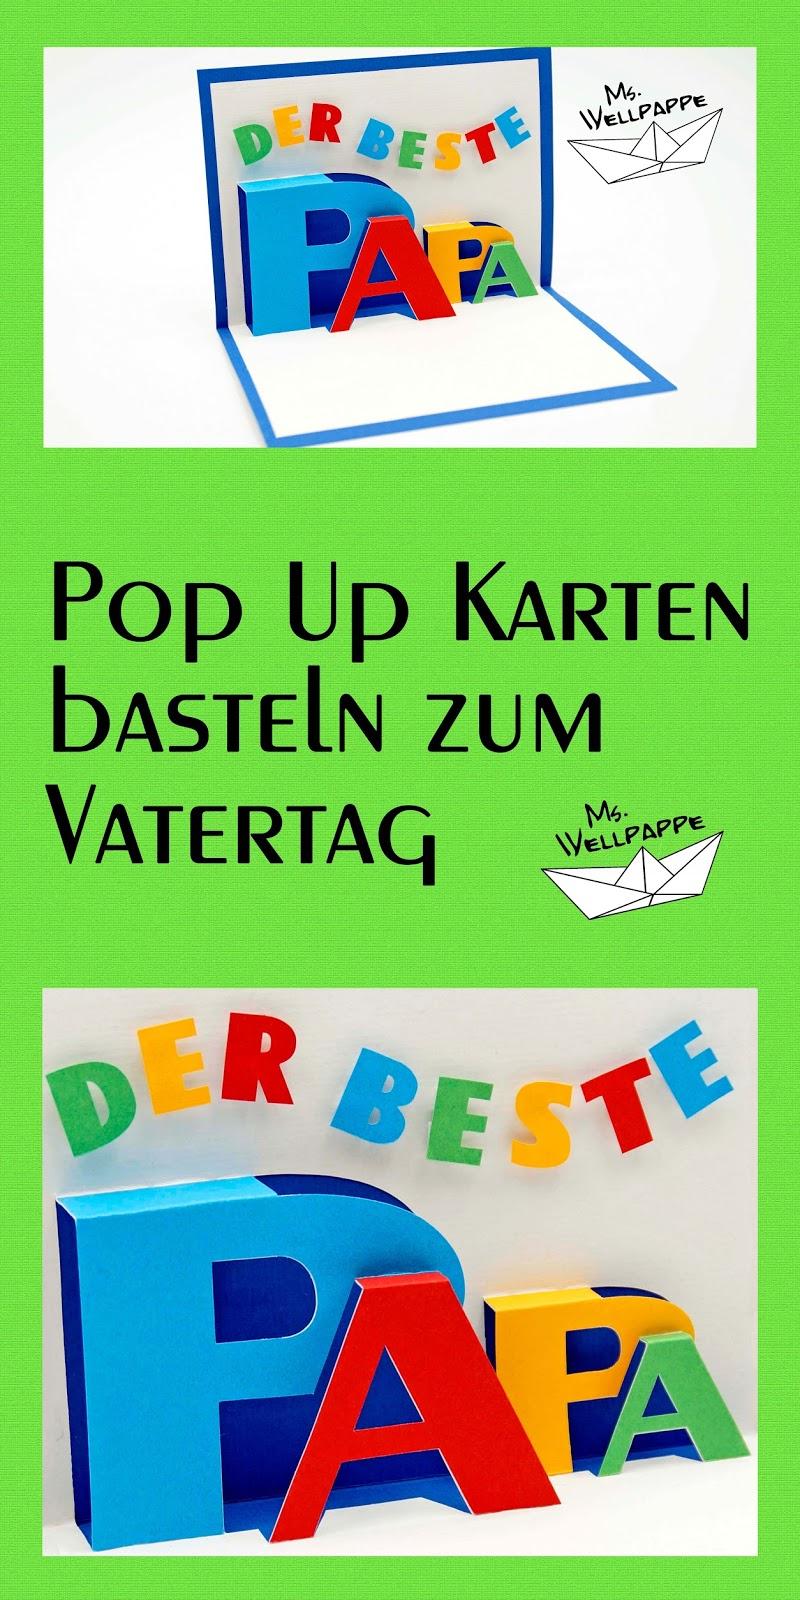 Basteln Und Mehr: Pop Up Karte Basteln Zum Vatertag verwandt mit Vatertagsgeschenke Selber Basteln